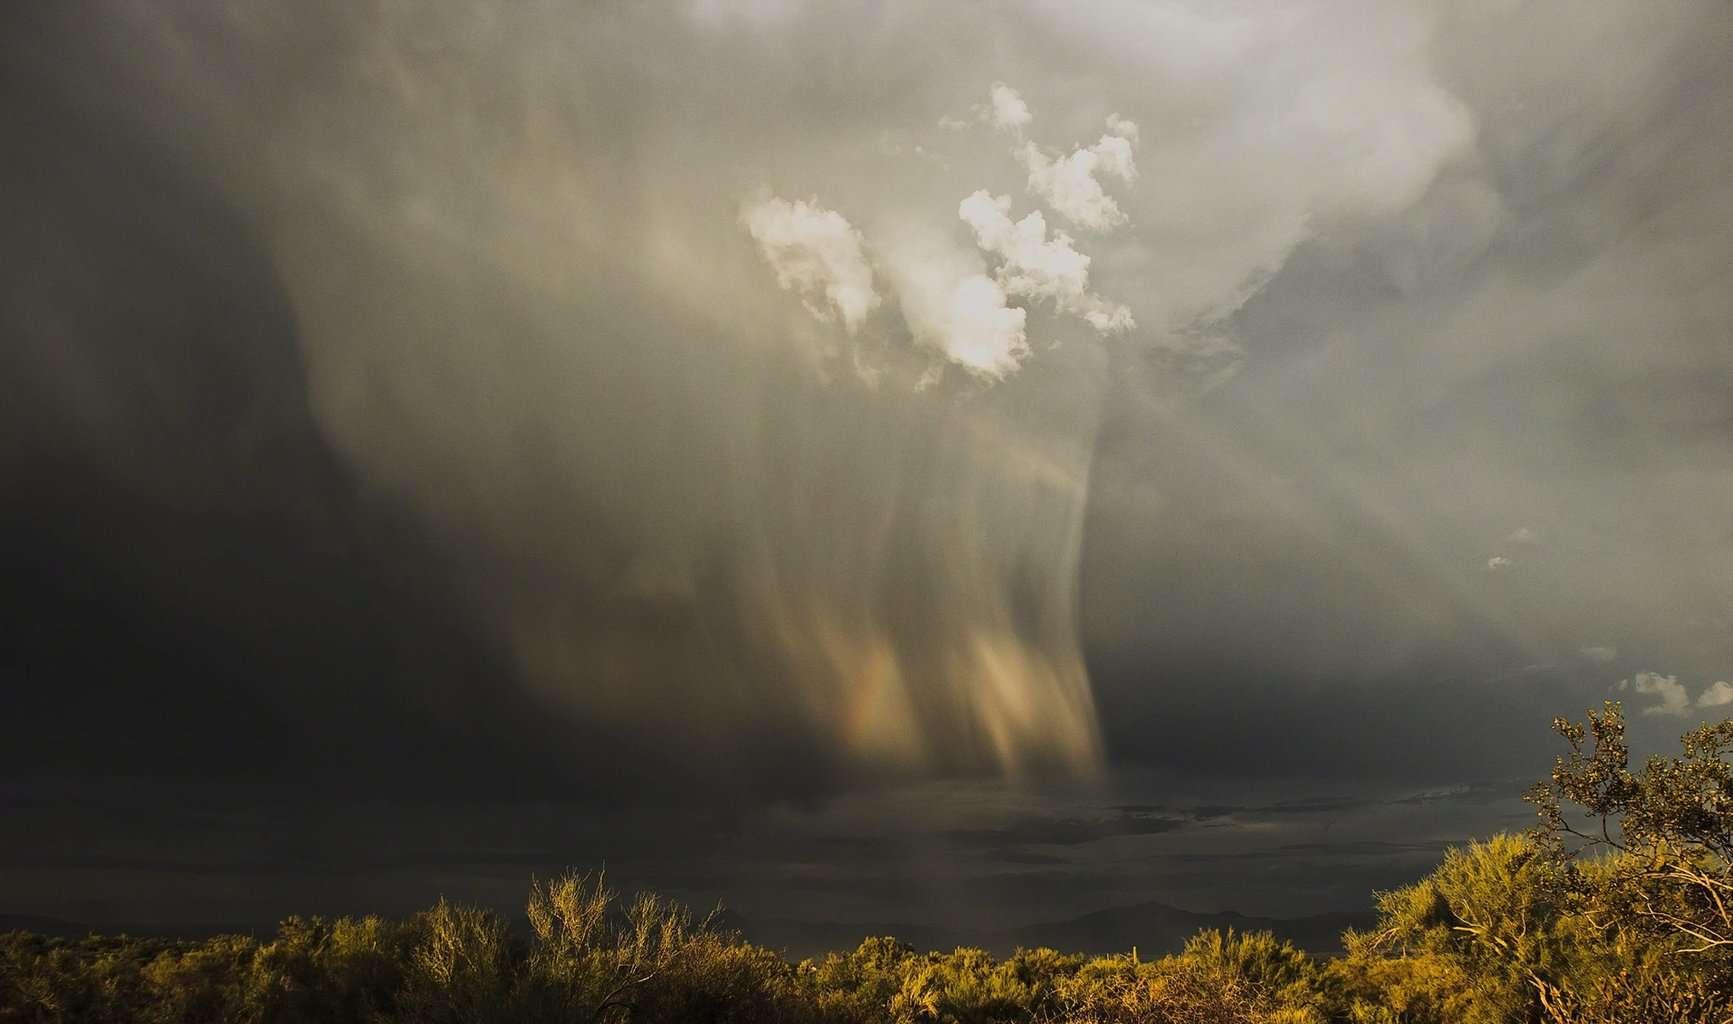 Taken in North Scottsdale, Arizona. September 12th, 2015.